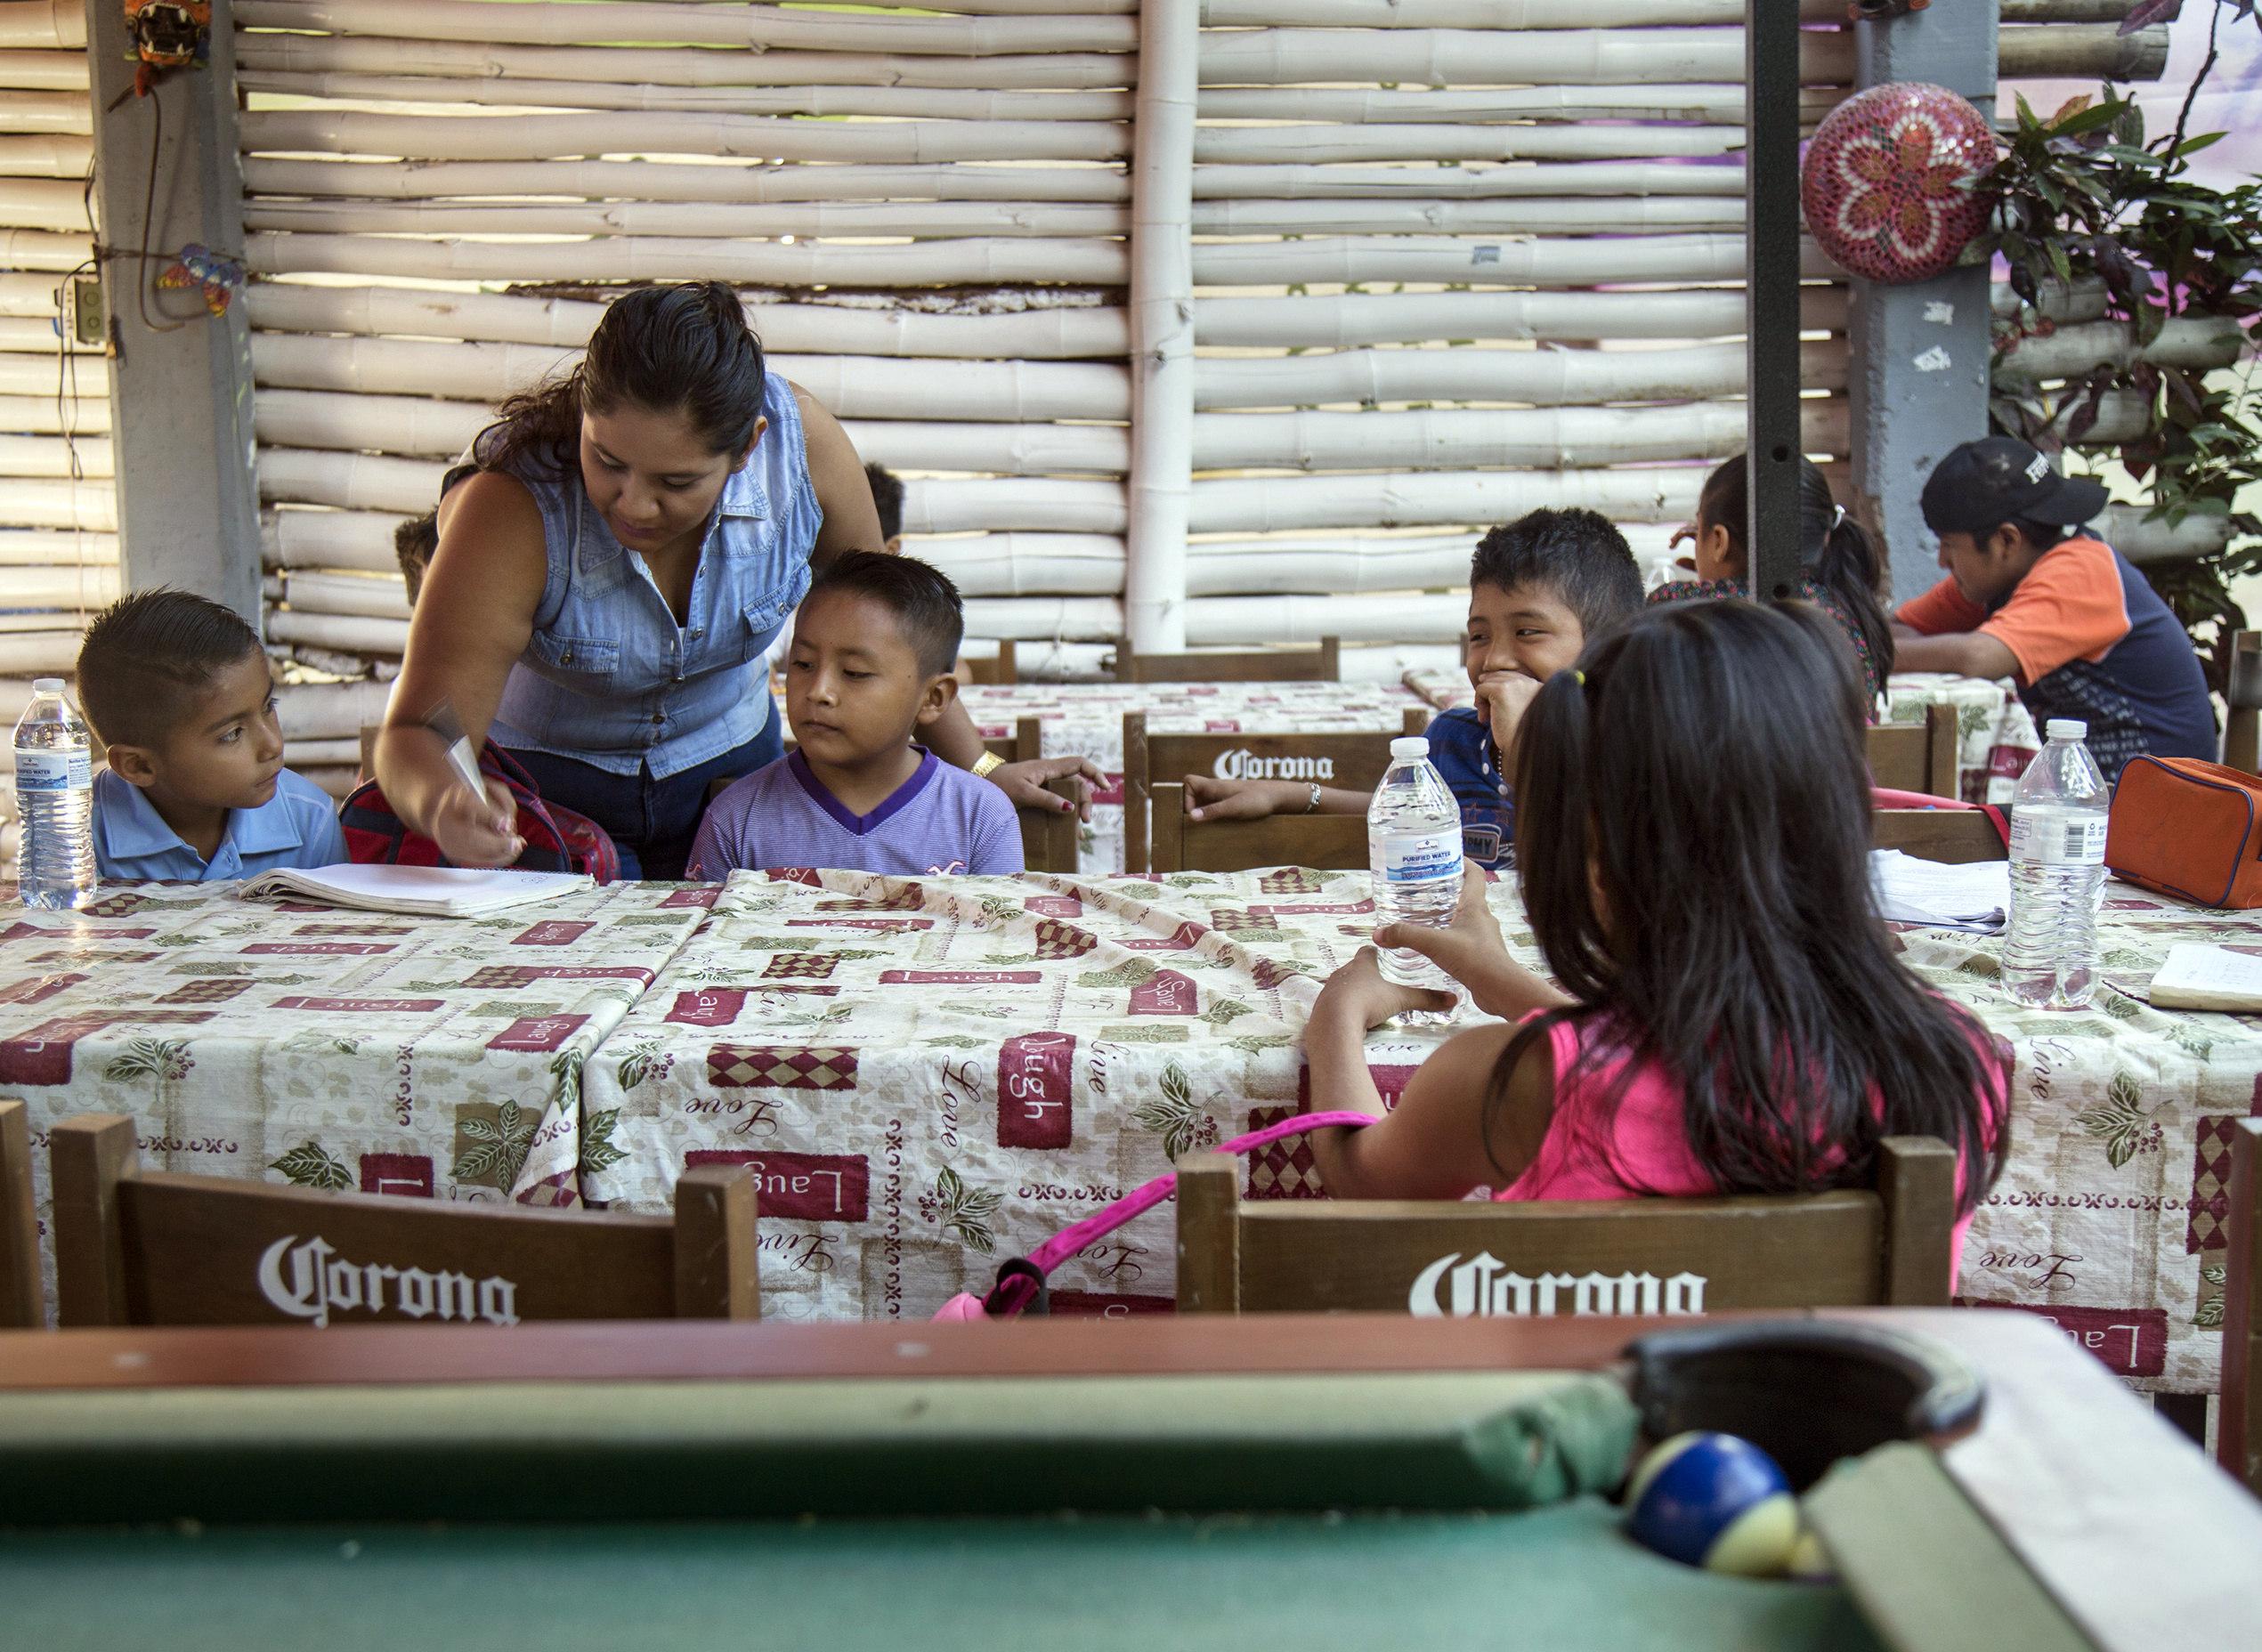 FOTOS: En este bar hasta los niños toman…